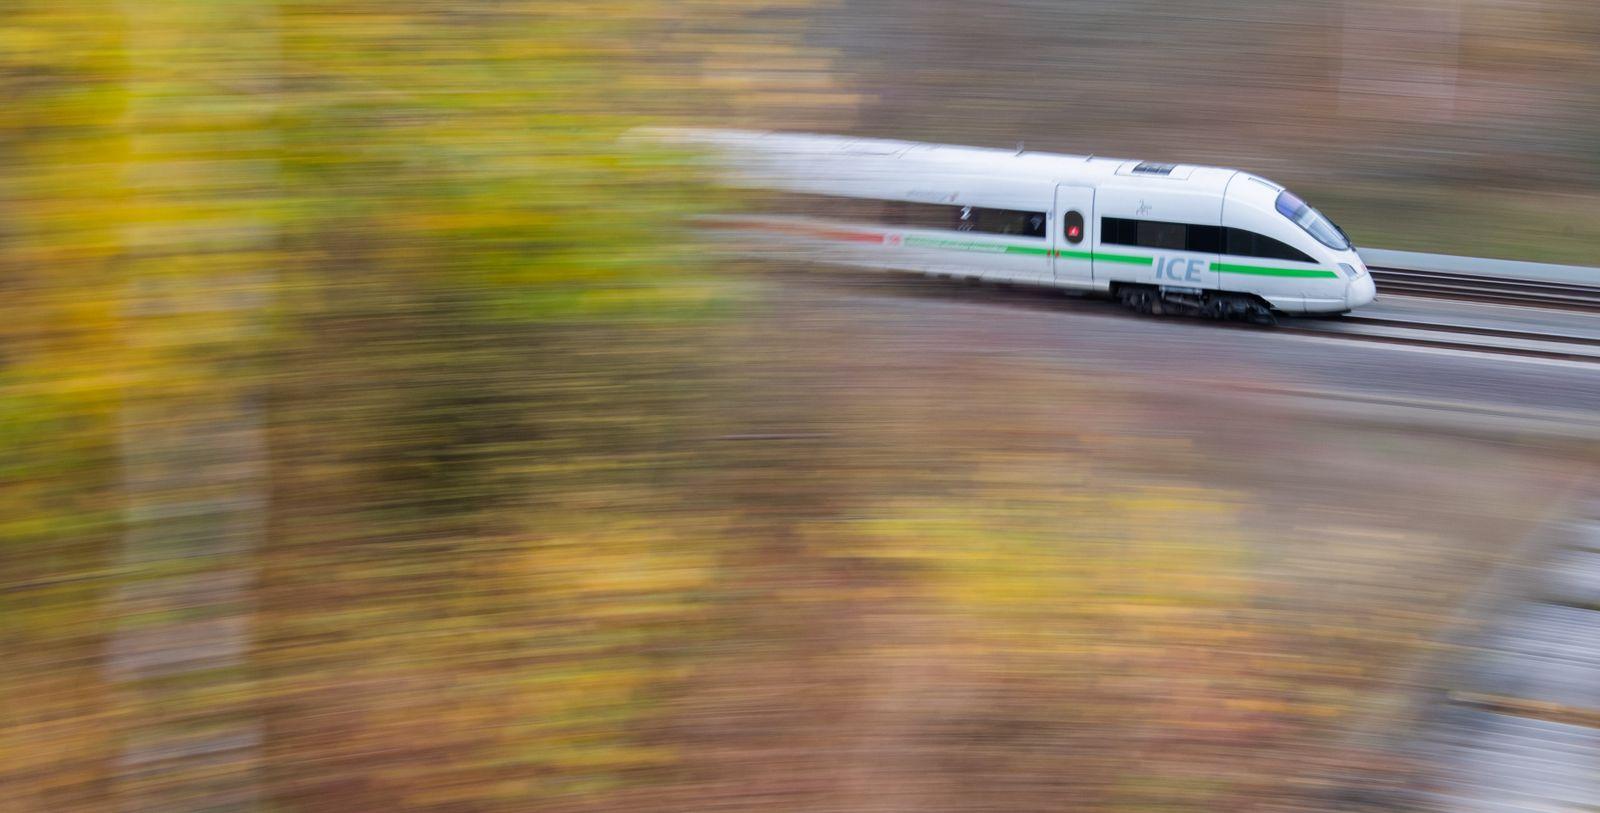 Bahn hält Kurs auf Pünktlichkeitsziel